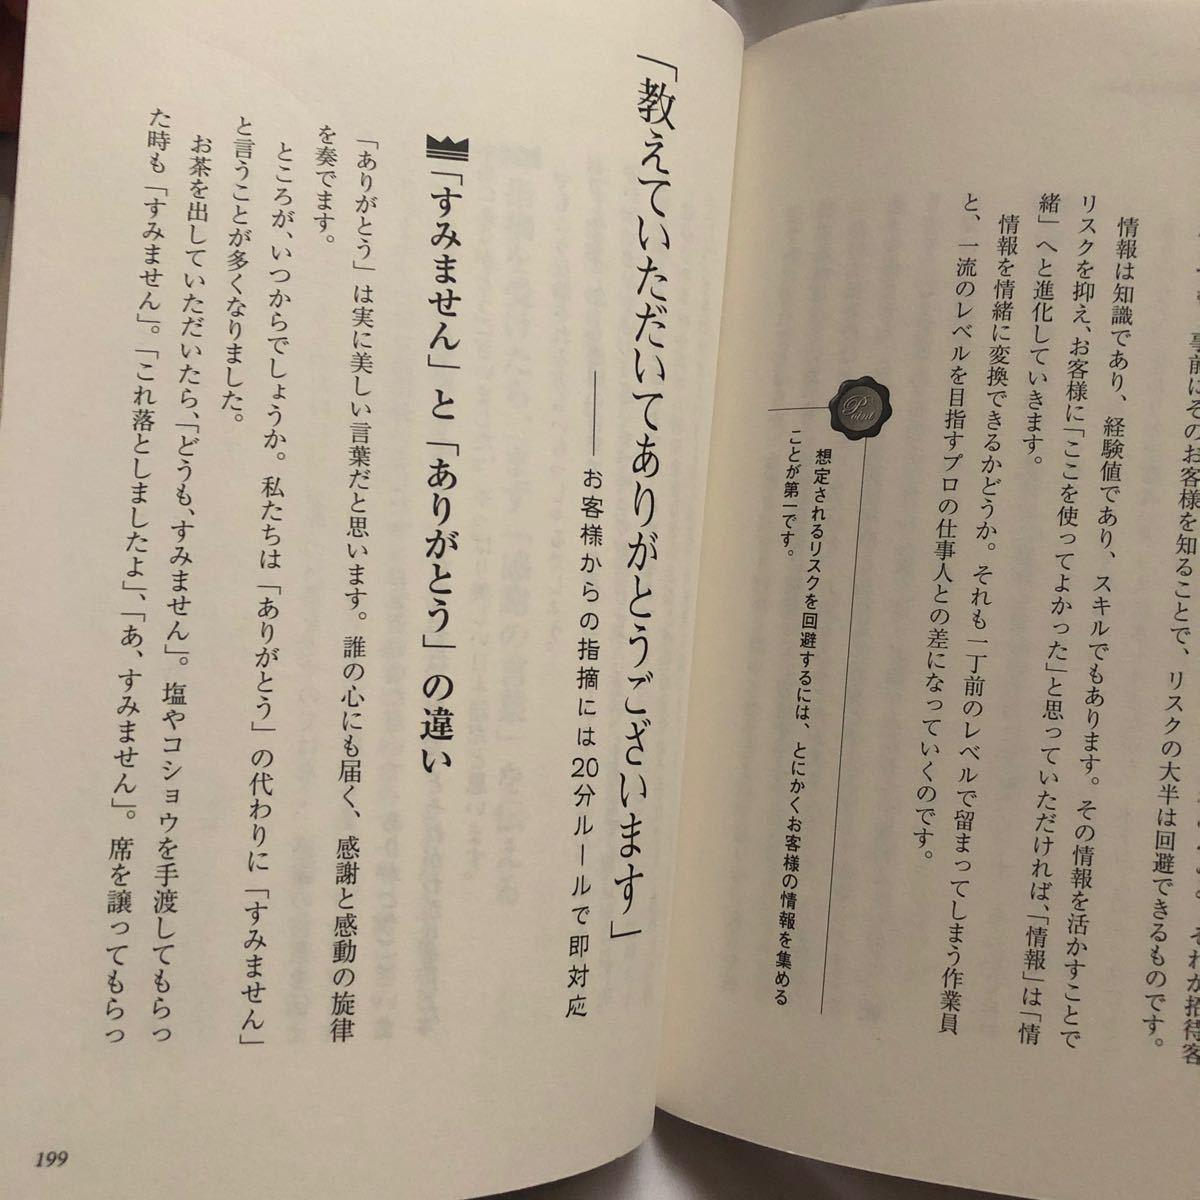 リッツ・カールトン一瞬で心が通う「言葉がけ」の習慣 高野登 日本実業出版社